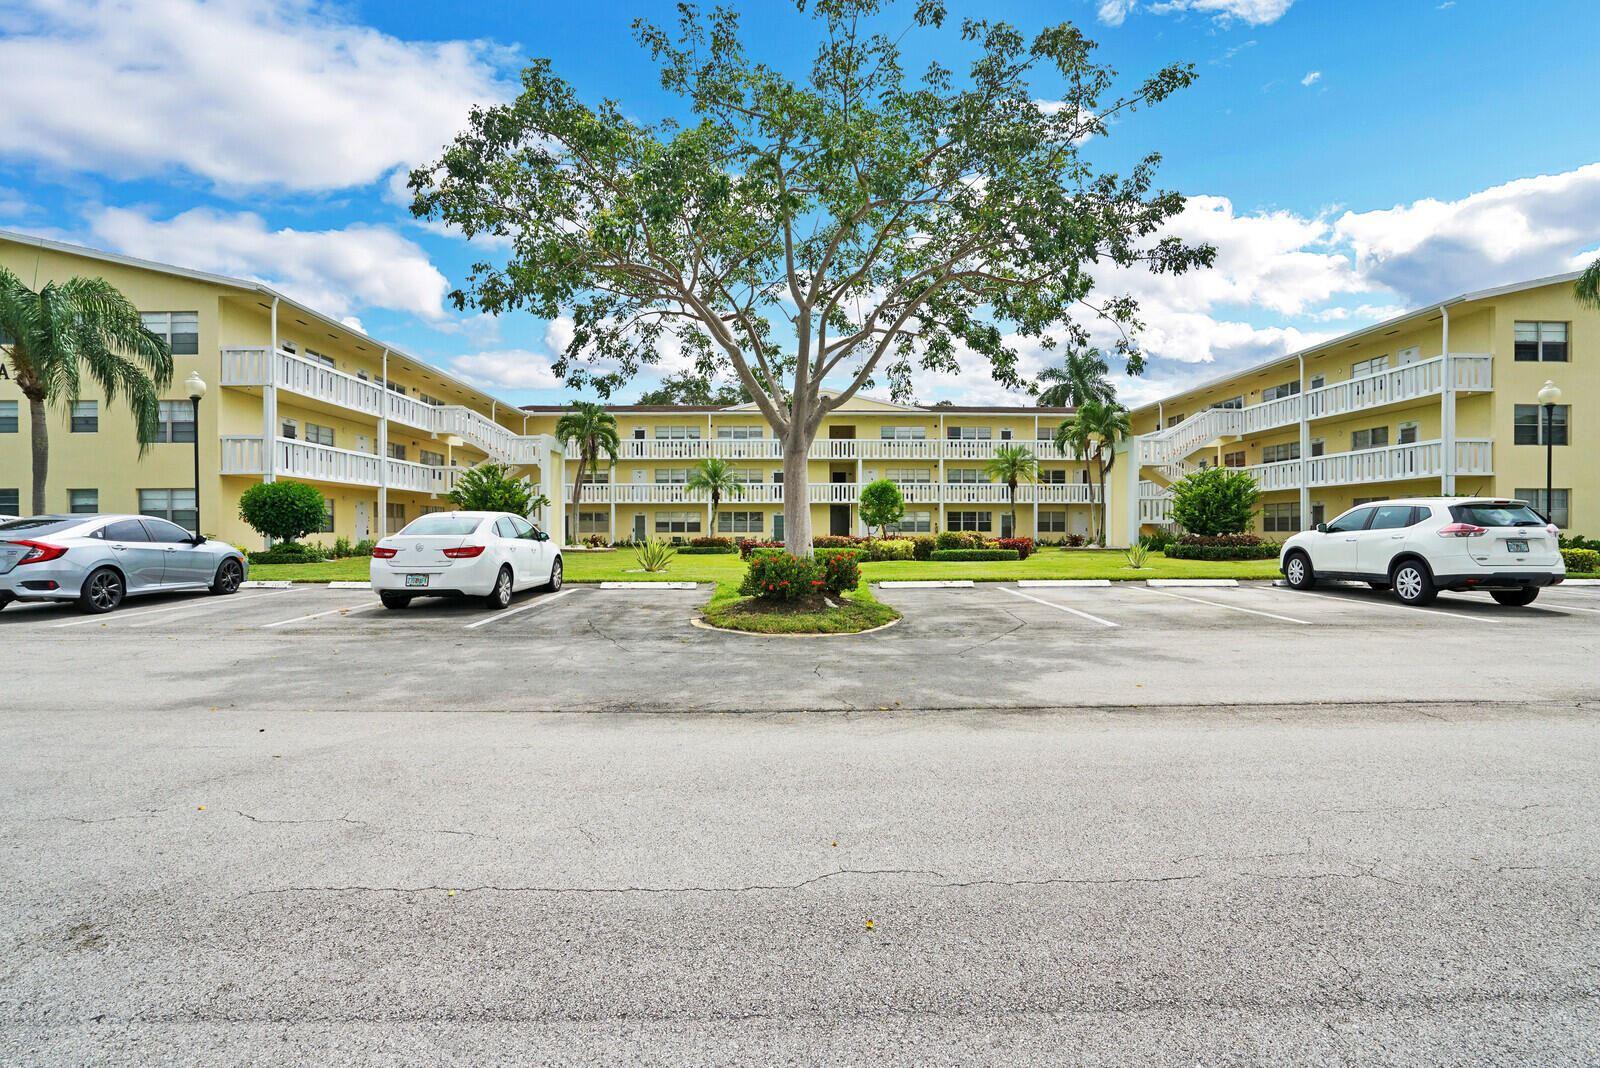 24 Dorset A, Boca Raton, FL 33434 - MLS#: RX-10741779